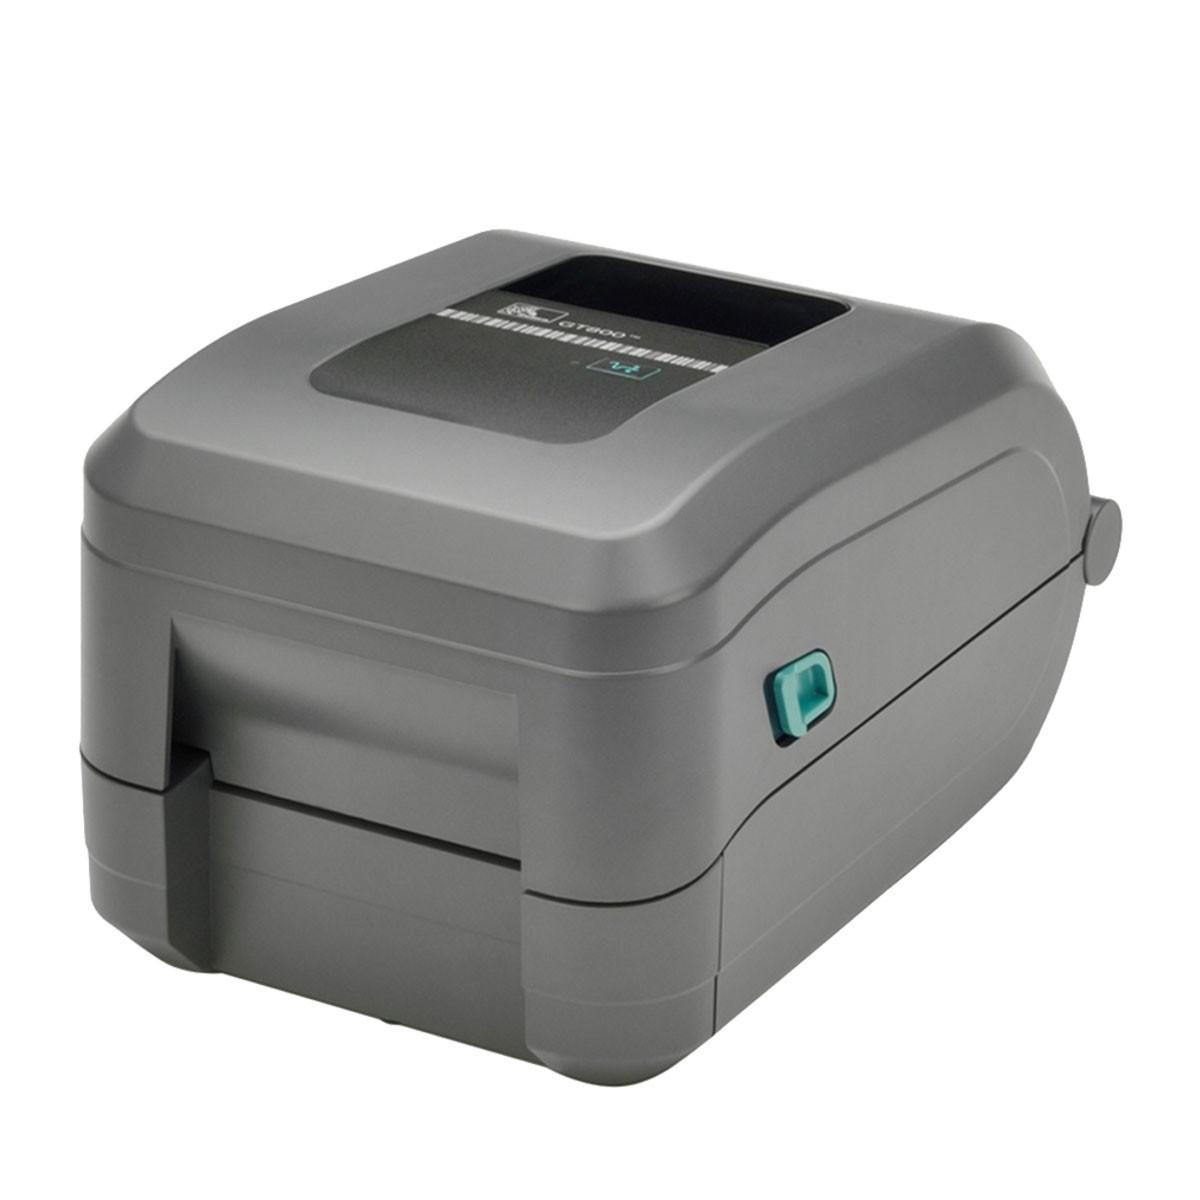 Impressora de Etiquetas Térmica GT800 203 dpi - Zebra